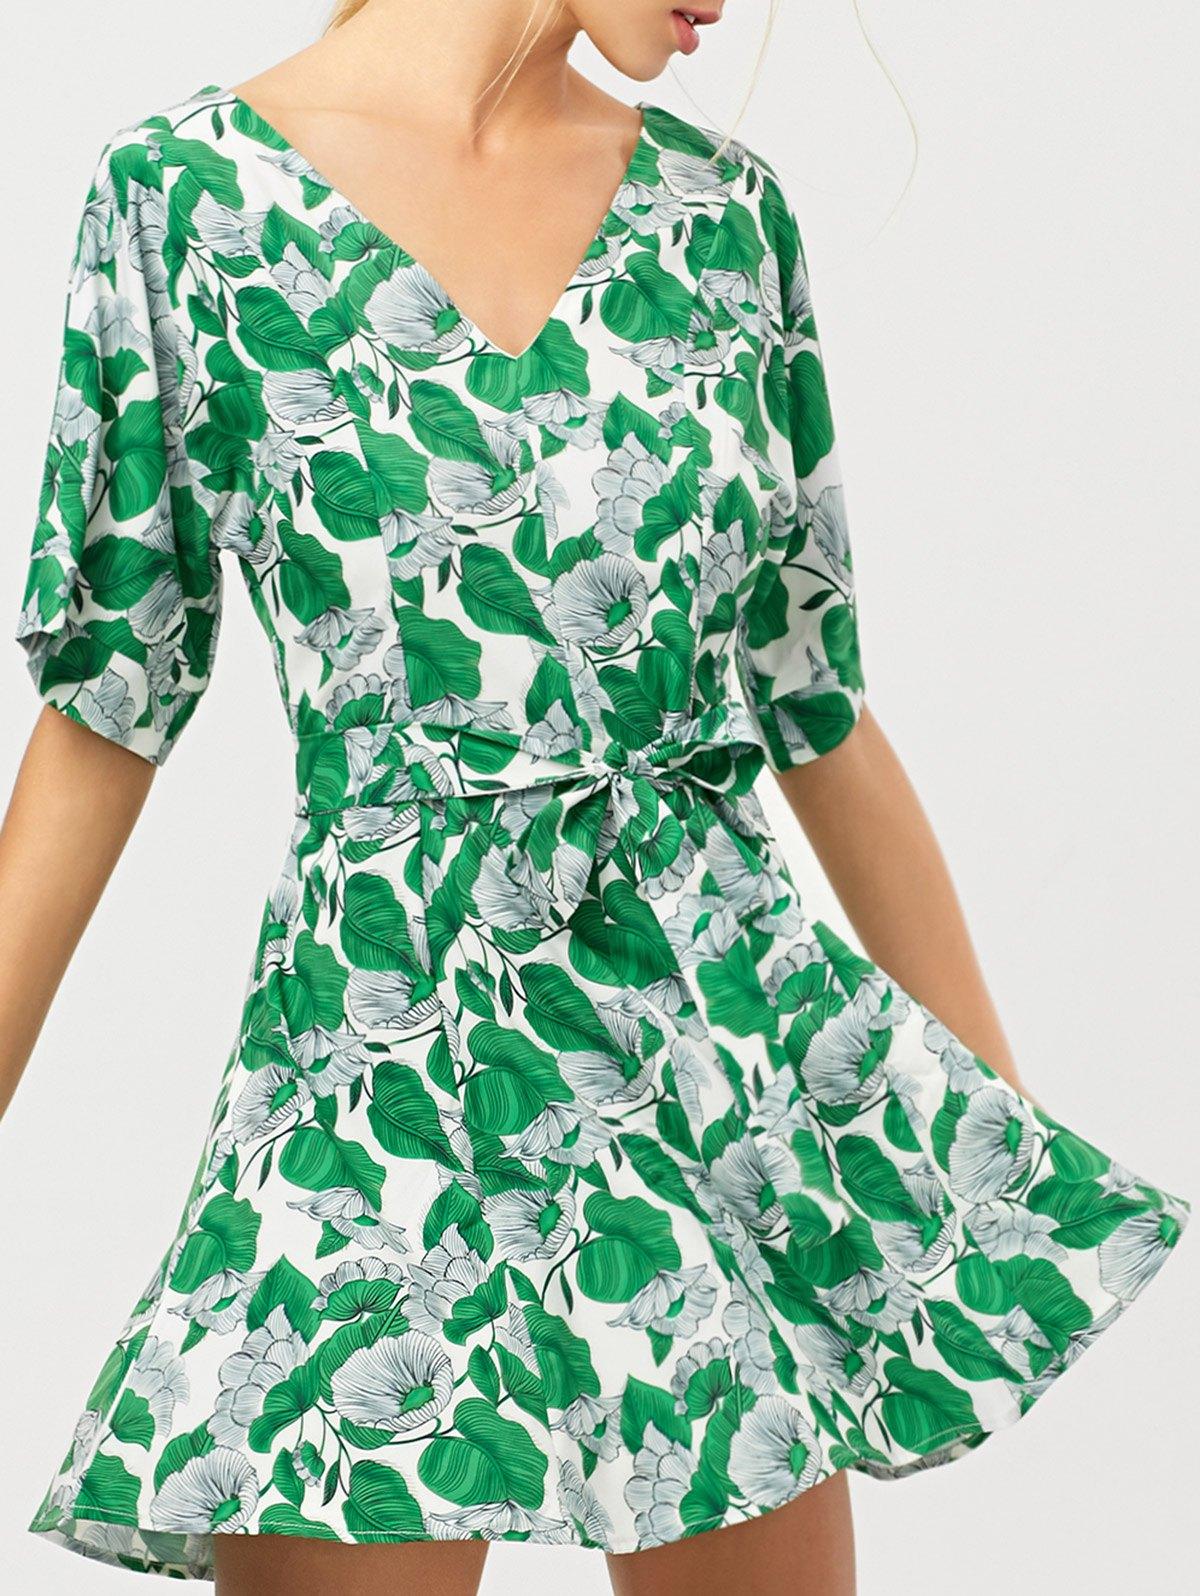 Leaves Print Wrap A-Line Dress - GREEN XS